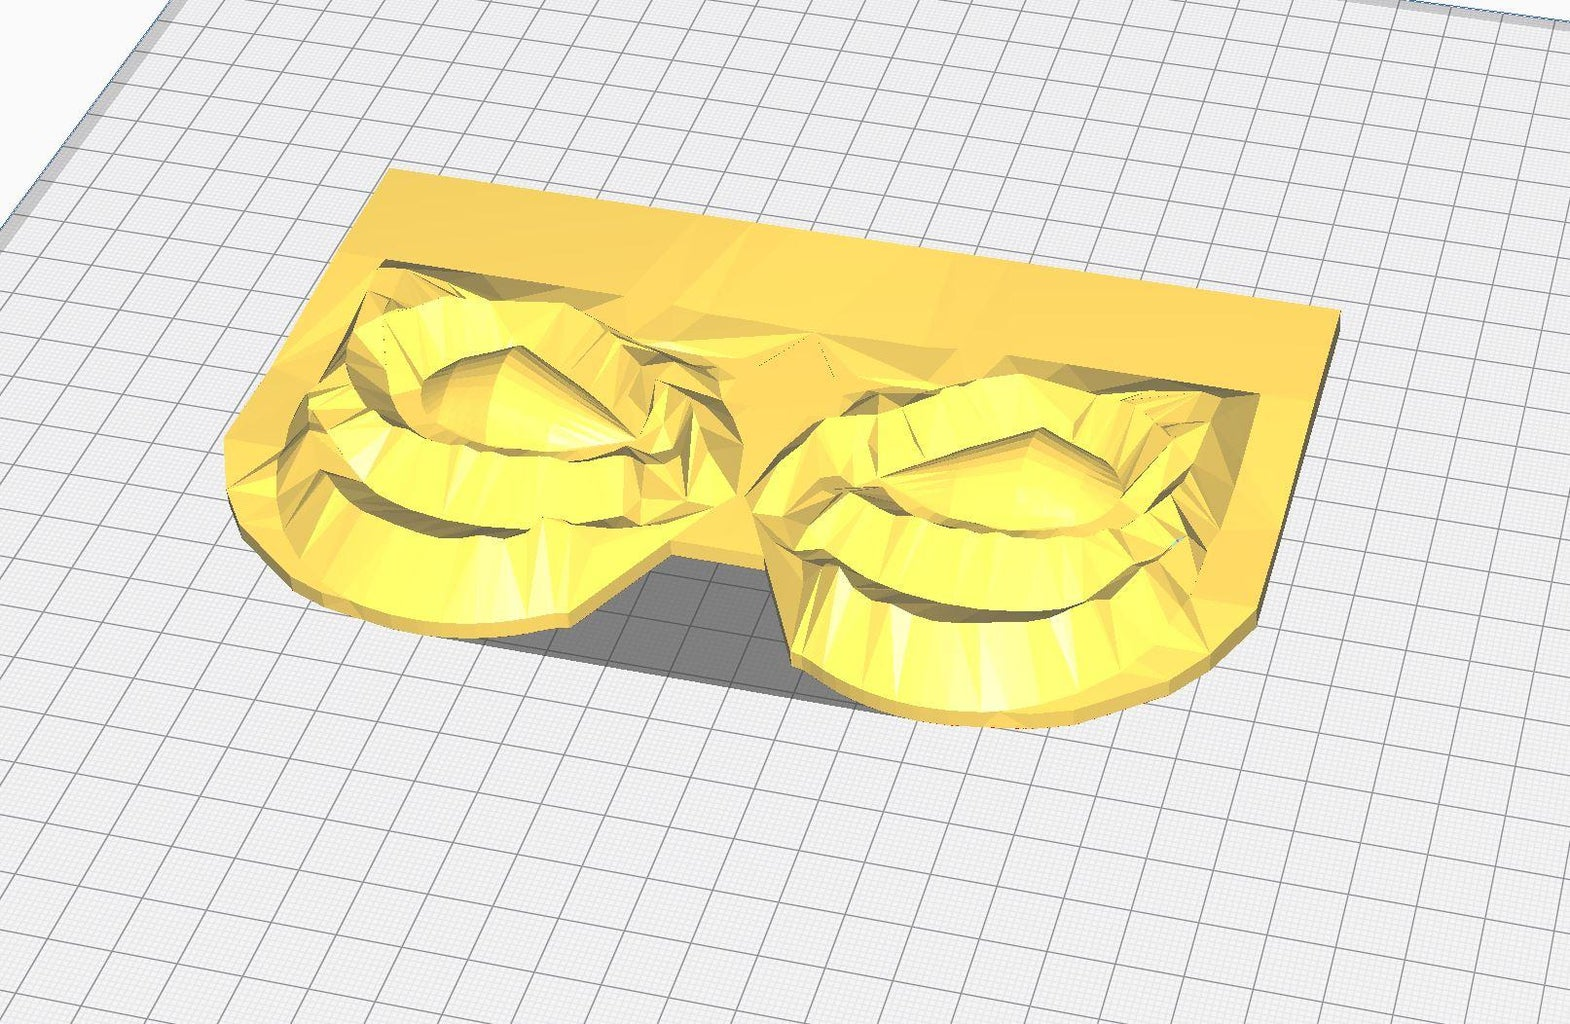 Design the 3D Parts